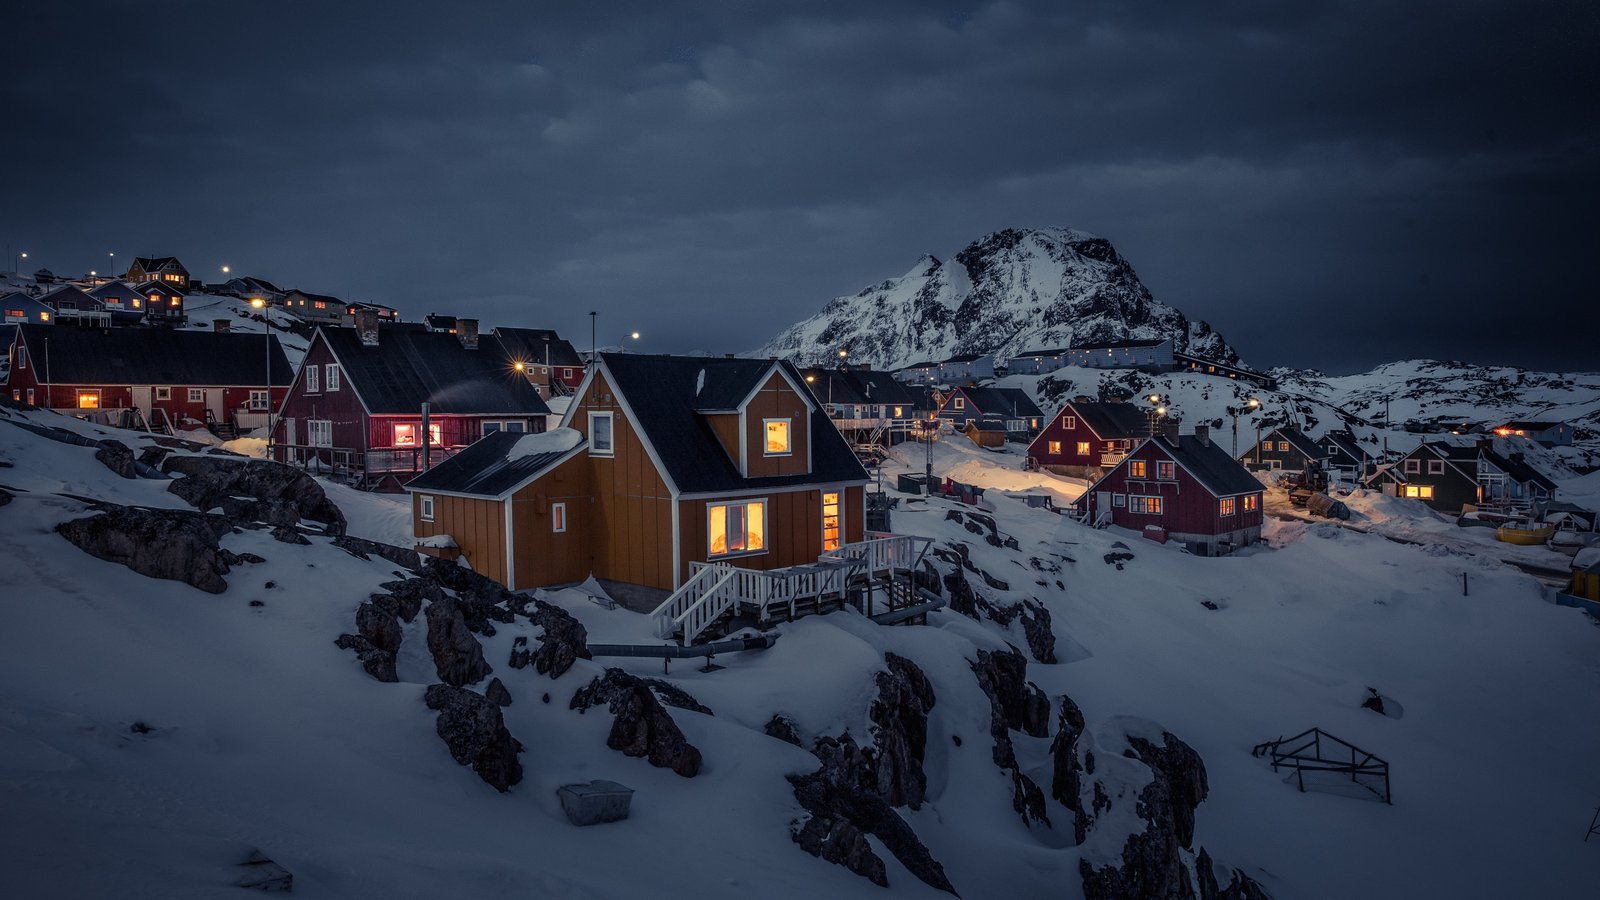 Sisimiut ofreciendo montañas, nieve y escenas nocturnas